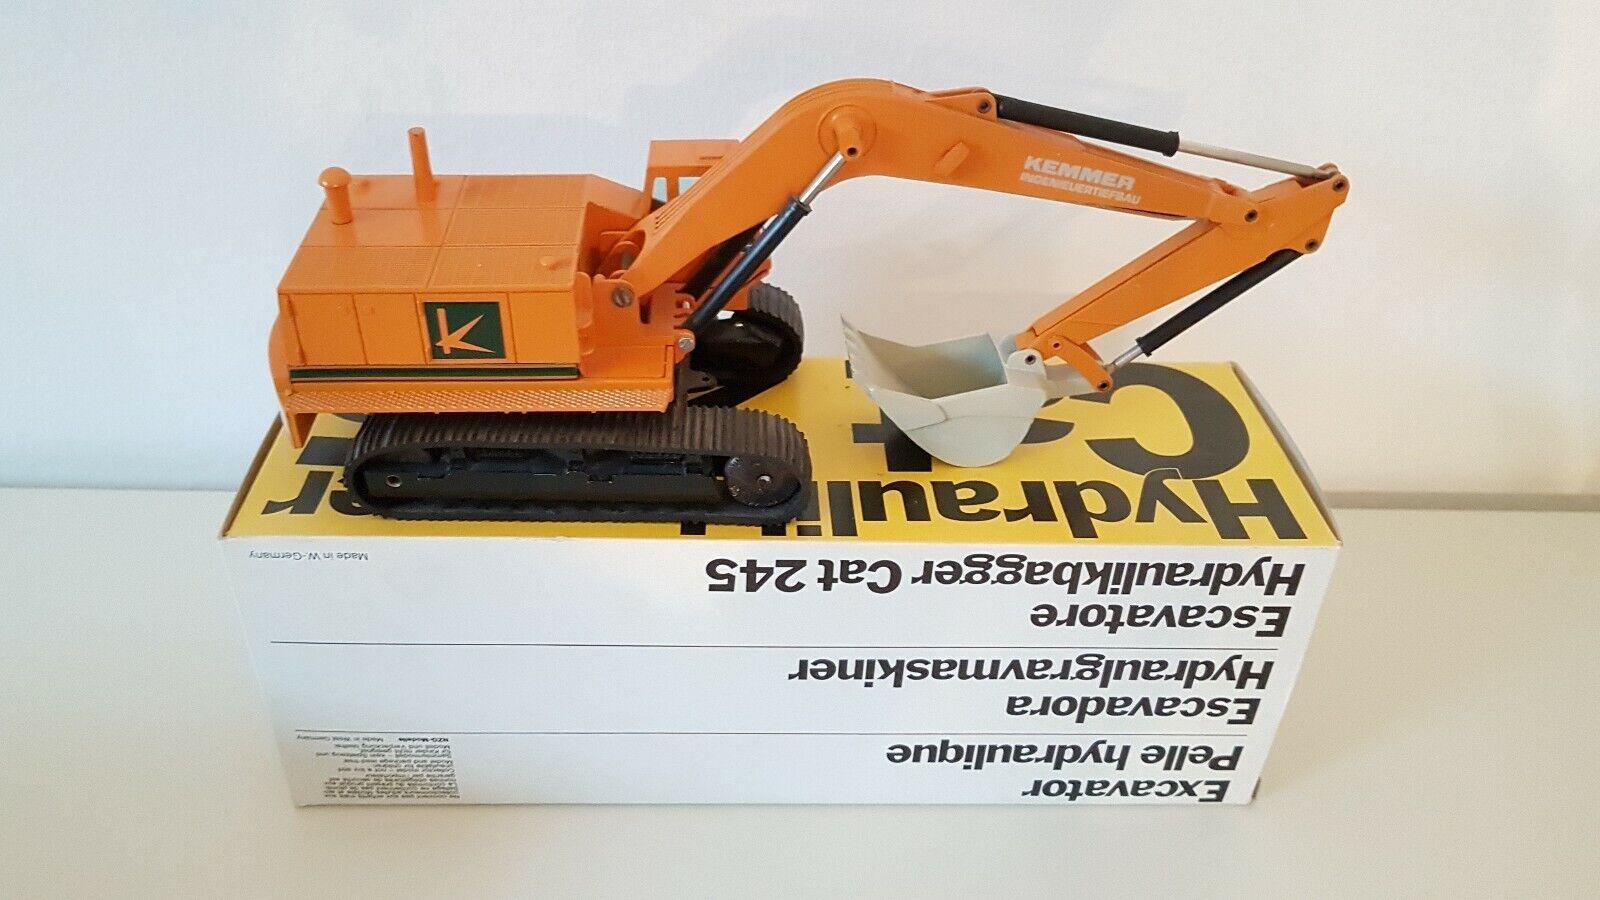 Nzg caterpillar 245 modello speciale